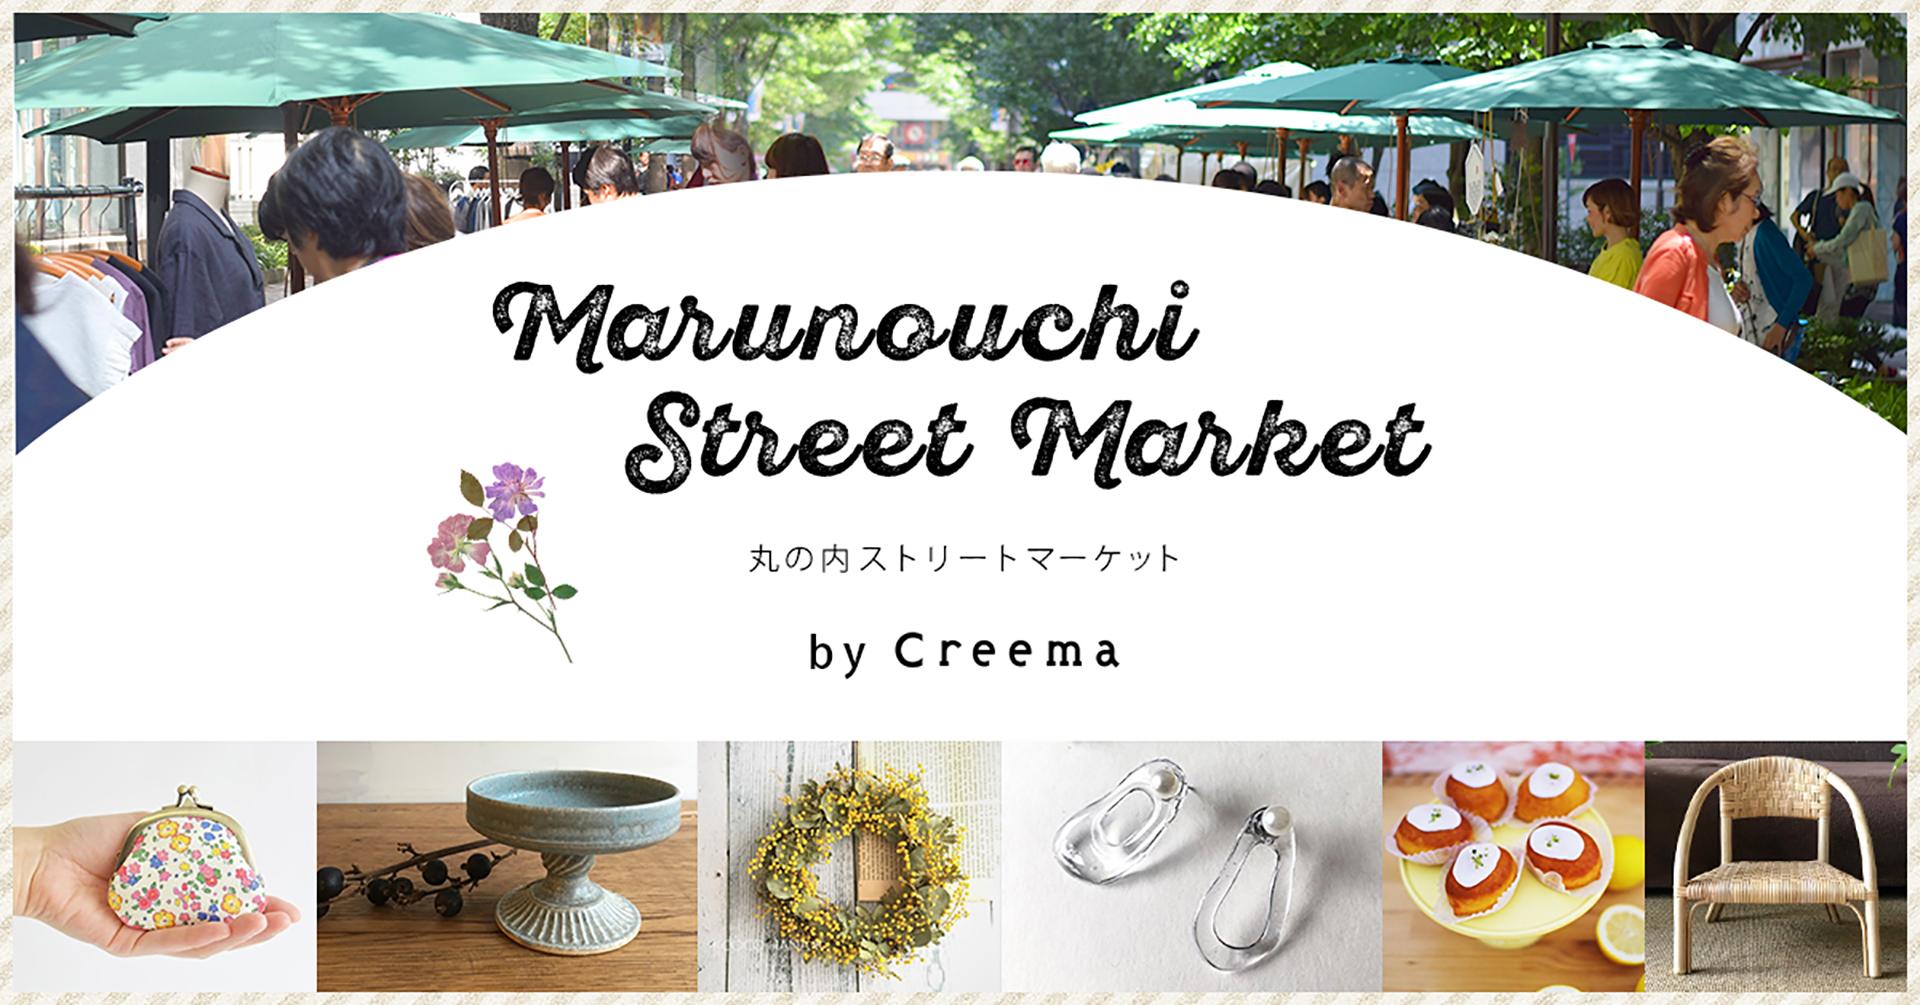 丸の内ストリートマーケット